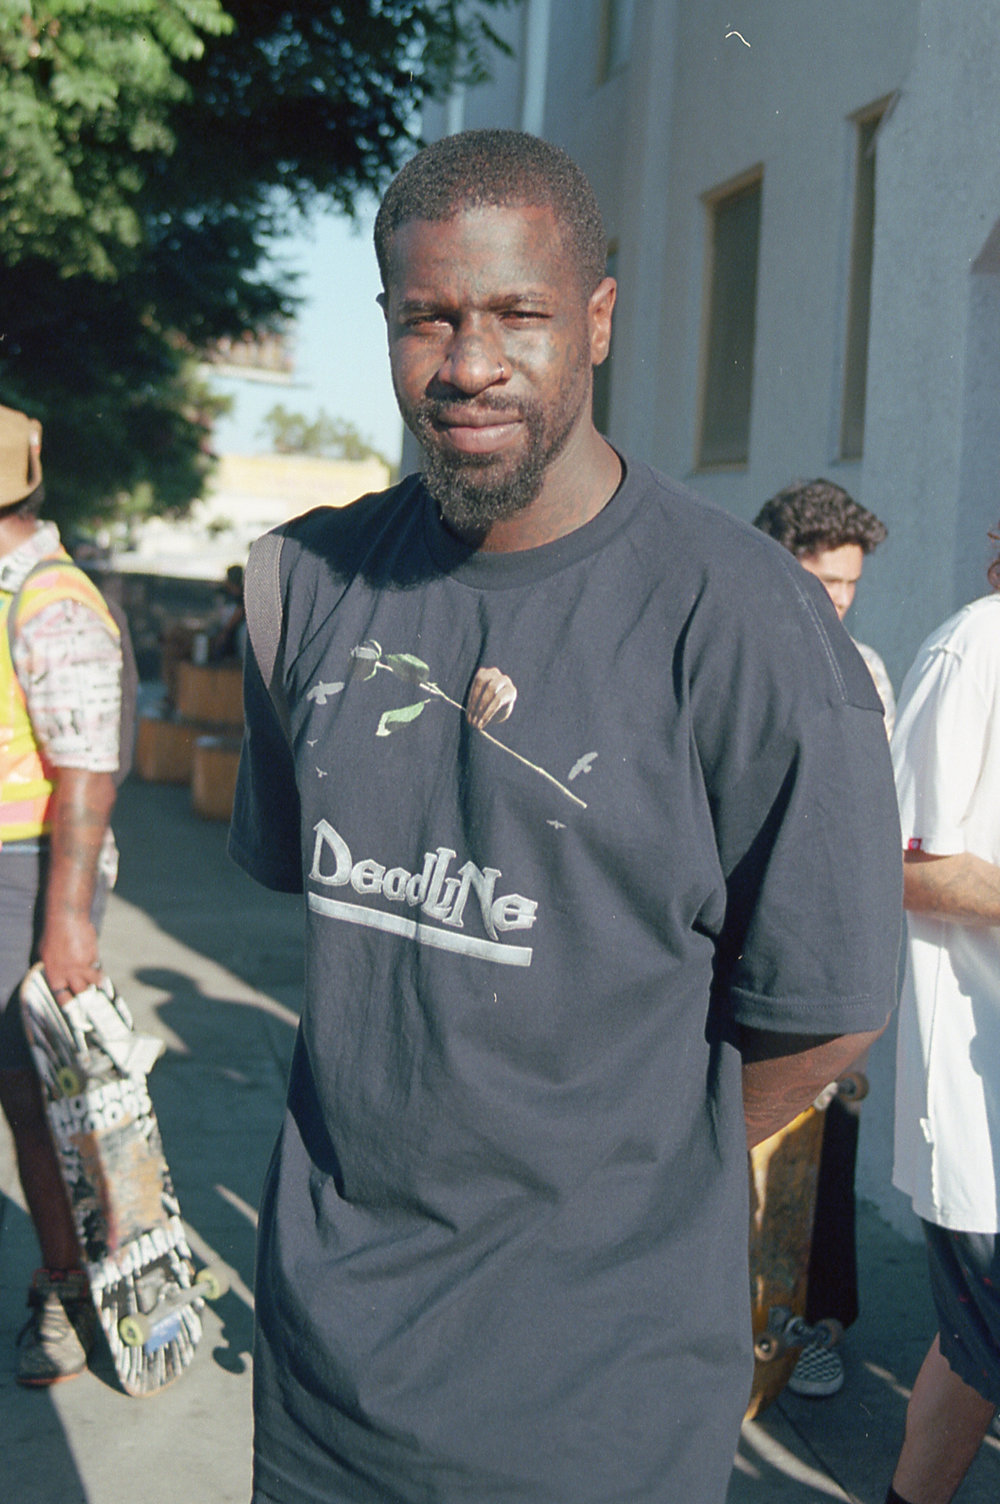 LAのGo skateboarding dayであったAntwuan Dixon. いい人だった。